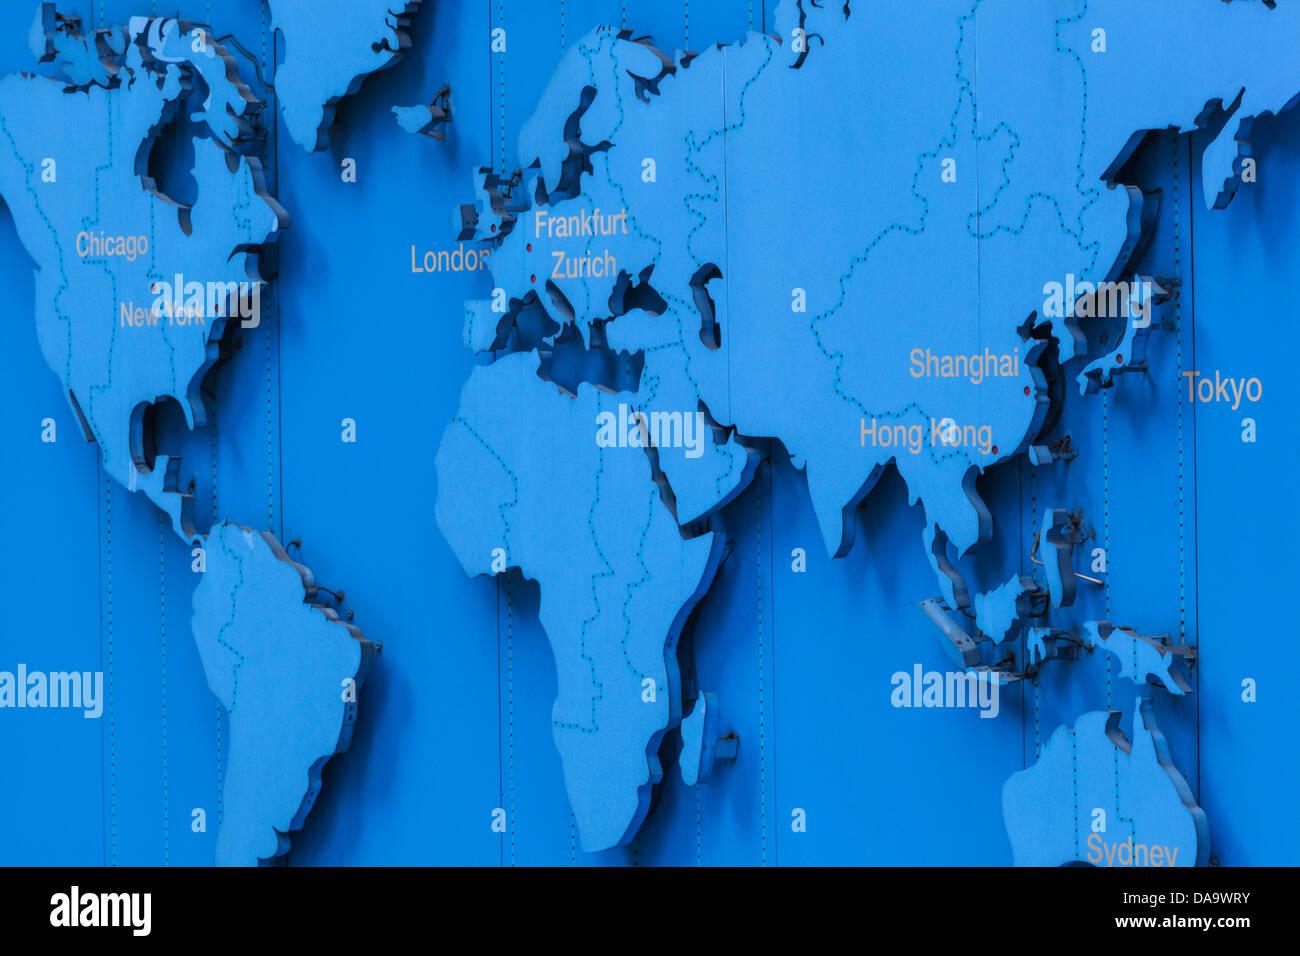 China, Hong Kong, Hongkong, World Map Showing Main Financial Centres    Stock Image